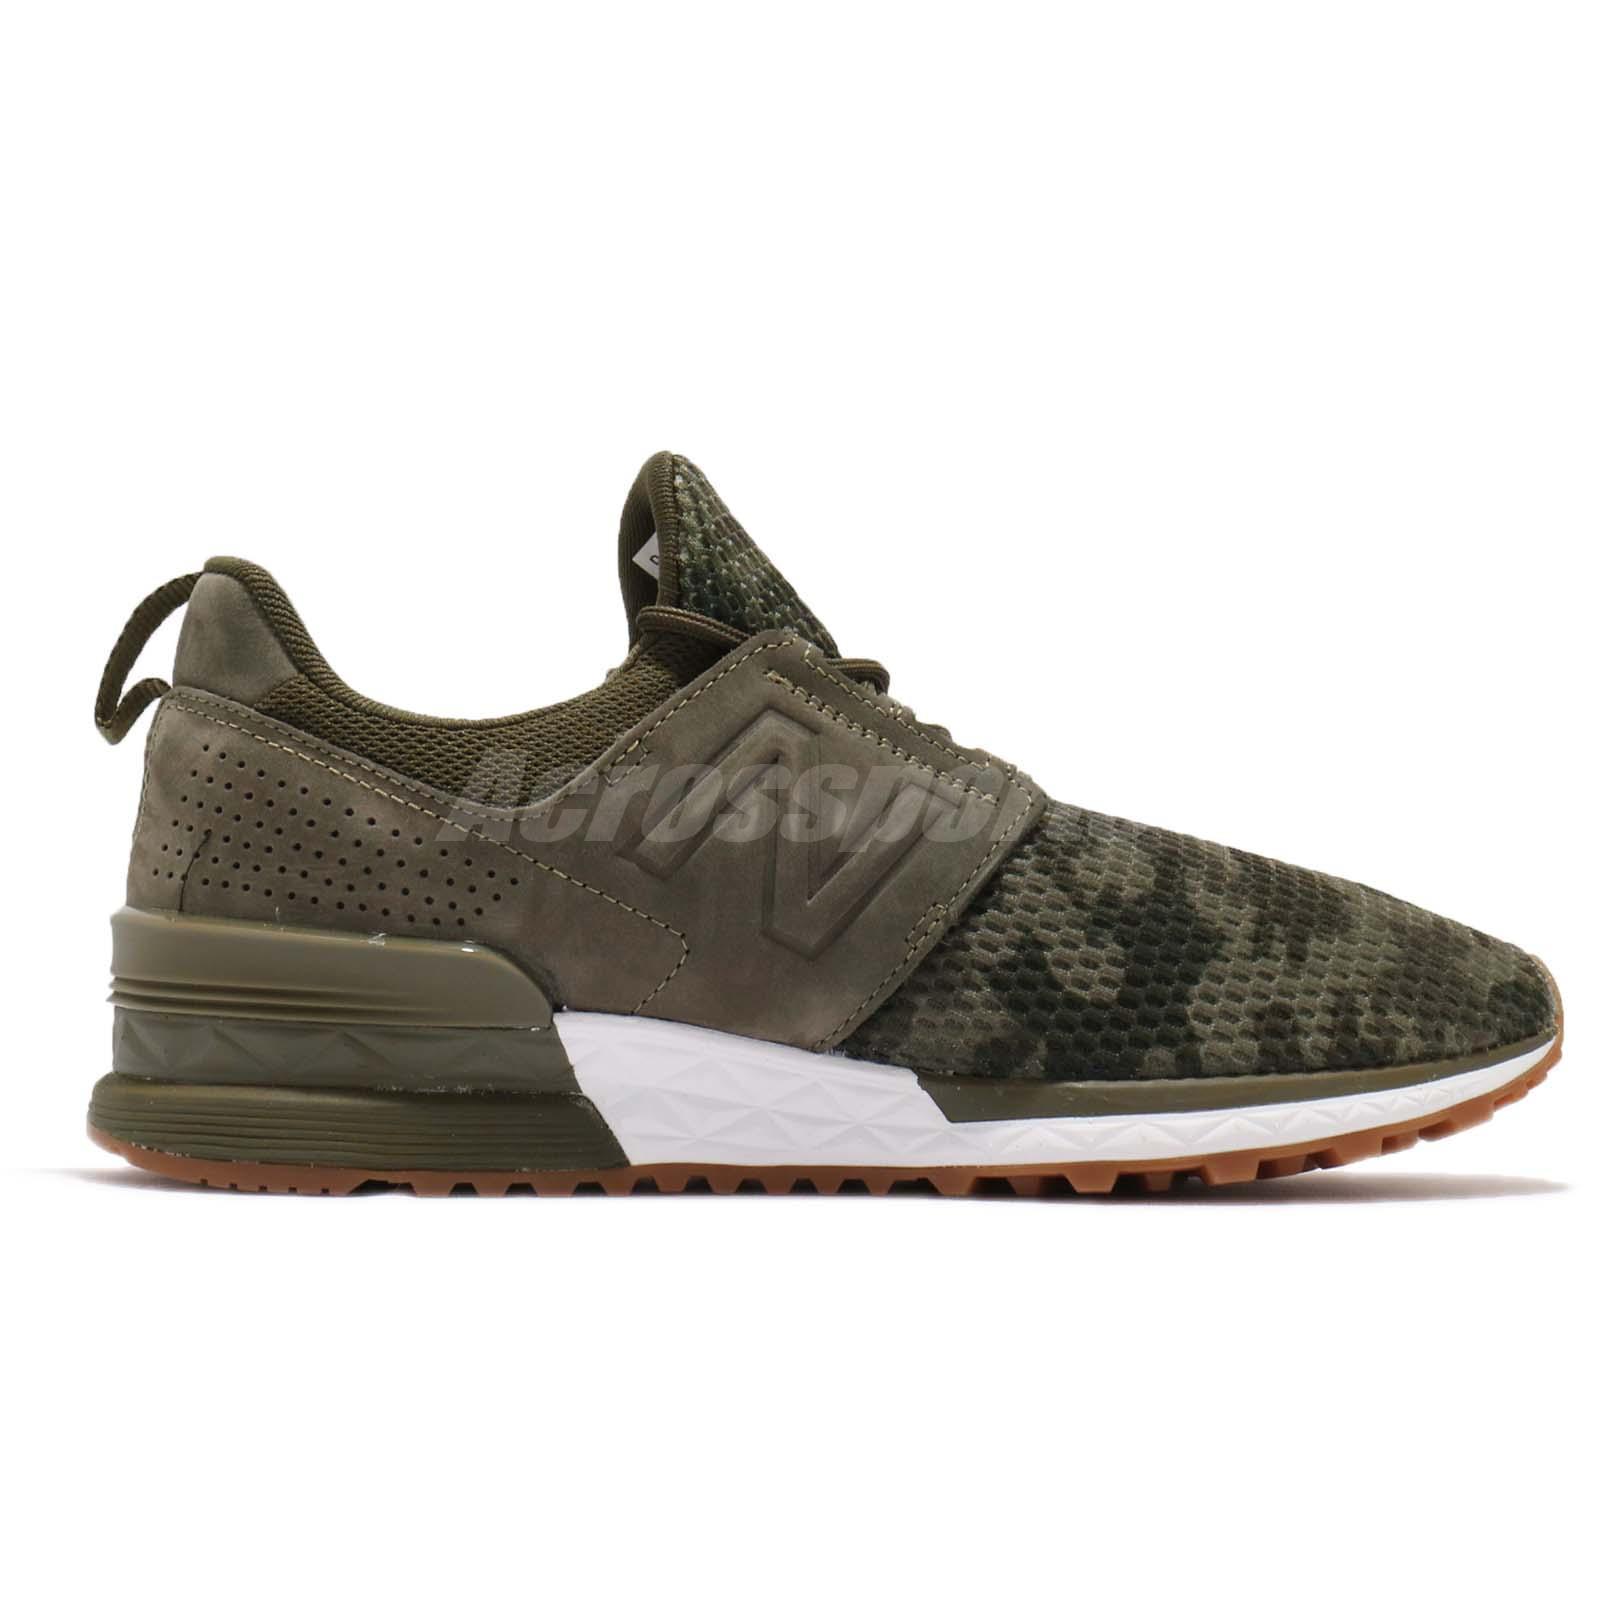 klasyczne style autoryzowana strona brak podatku od sprzedaży Details about New Balance MS574DCG D Green Camo White Gum Men Running Shoes  Sneakers MS574DCGD